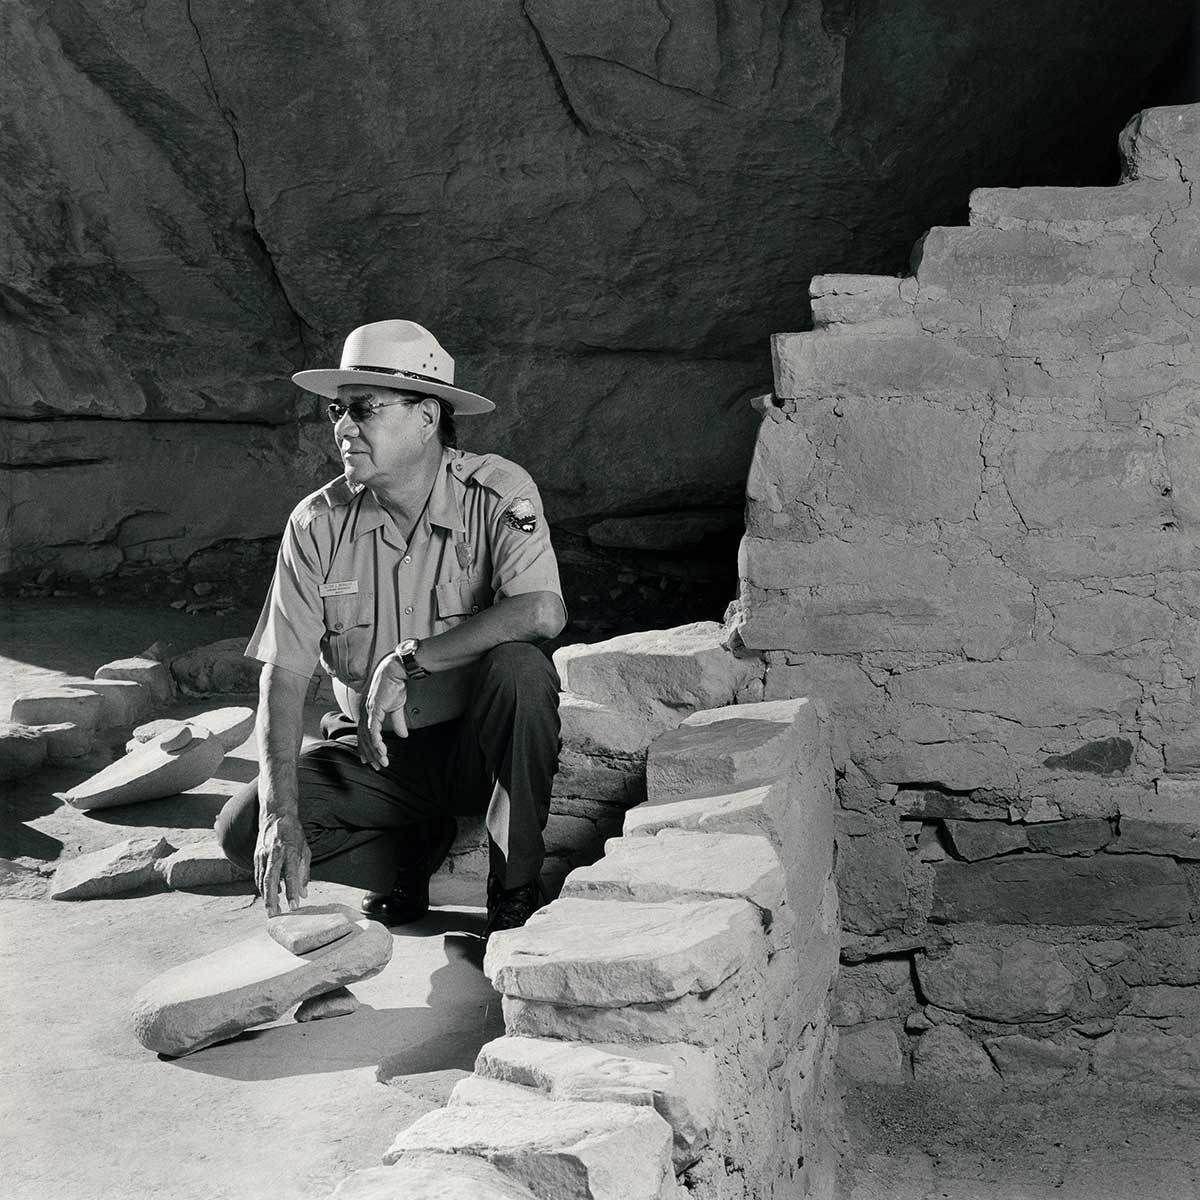 Clyde Benally, Park Ranger